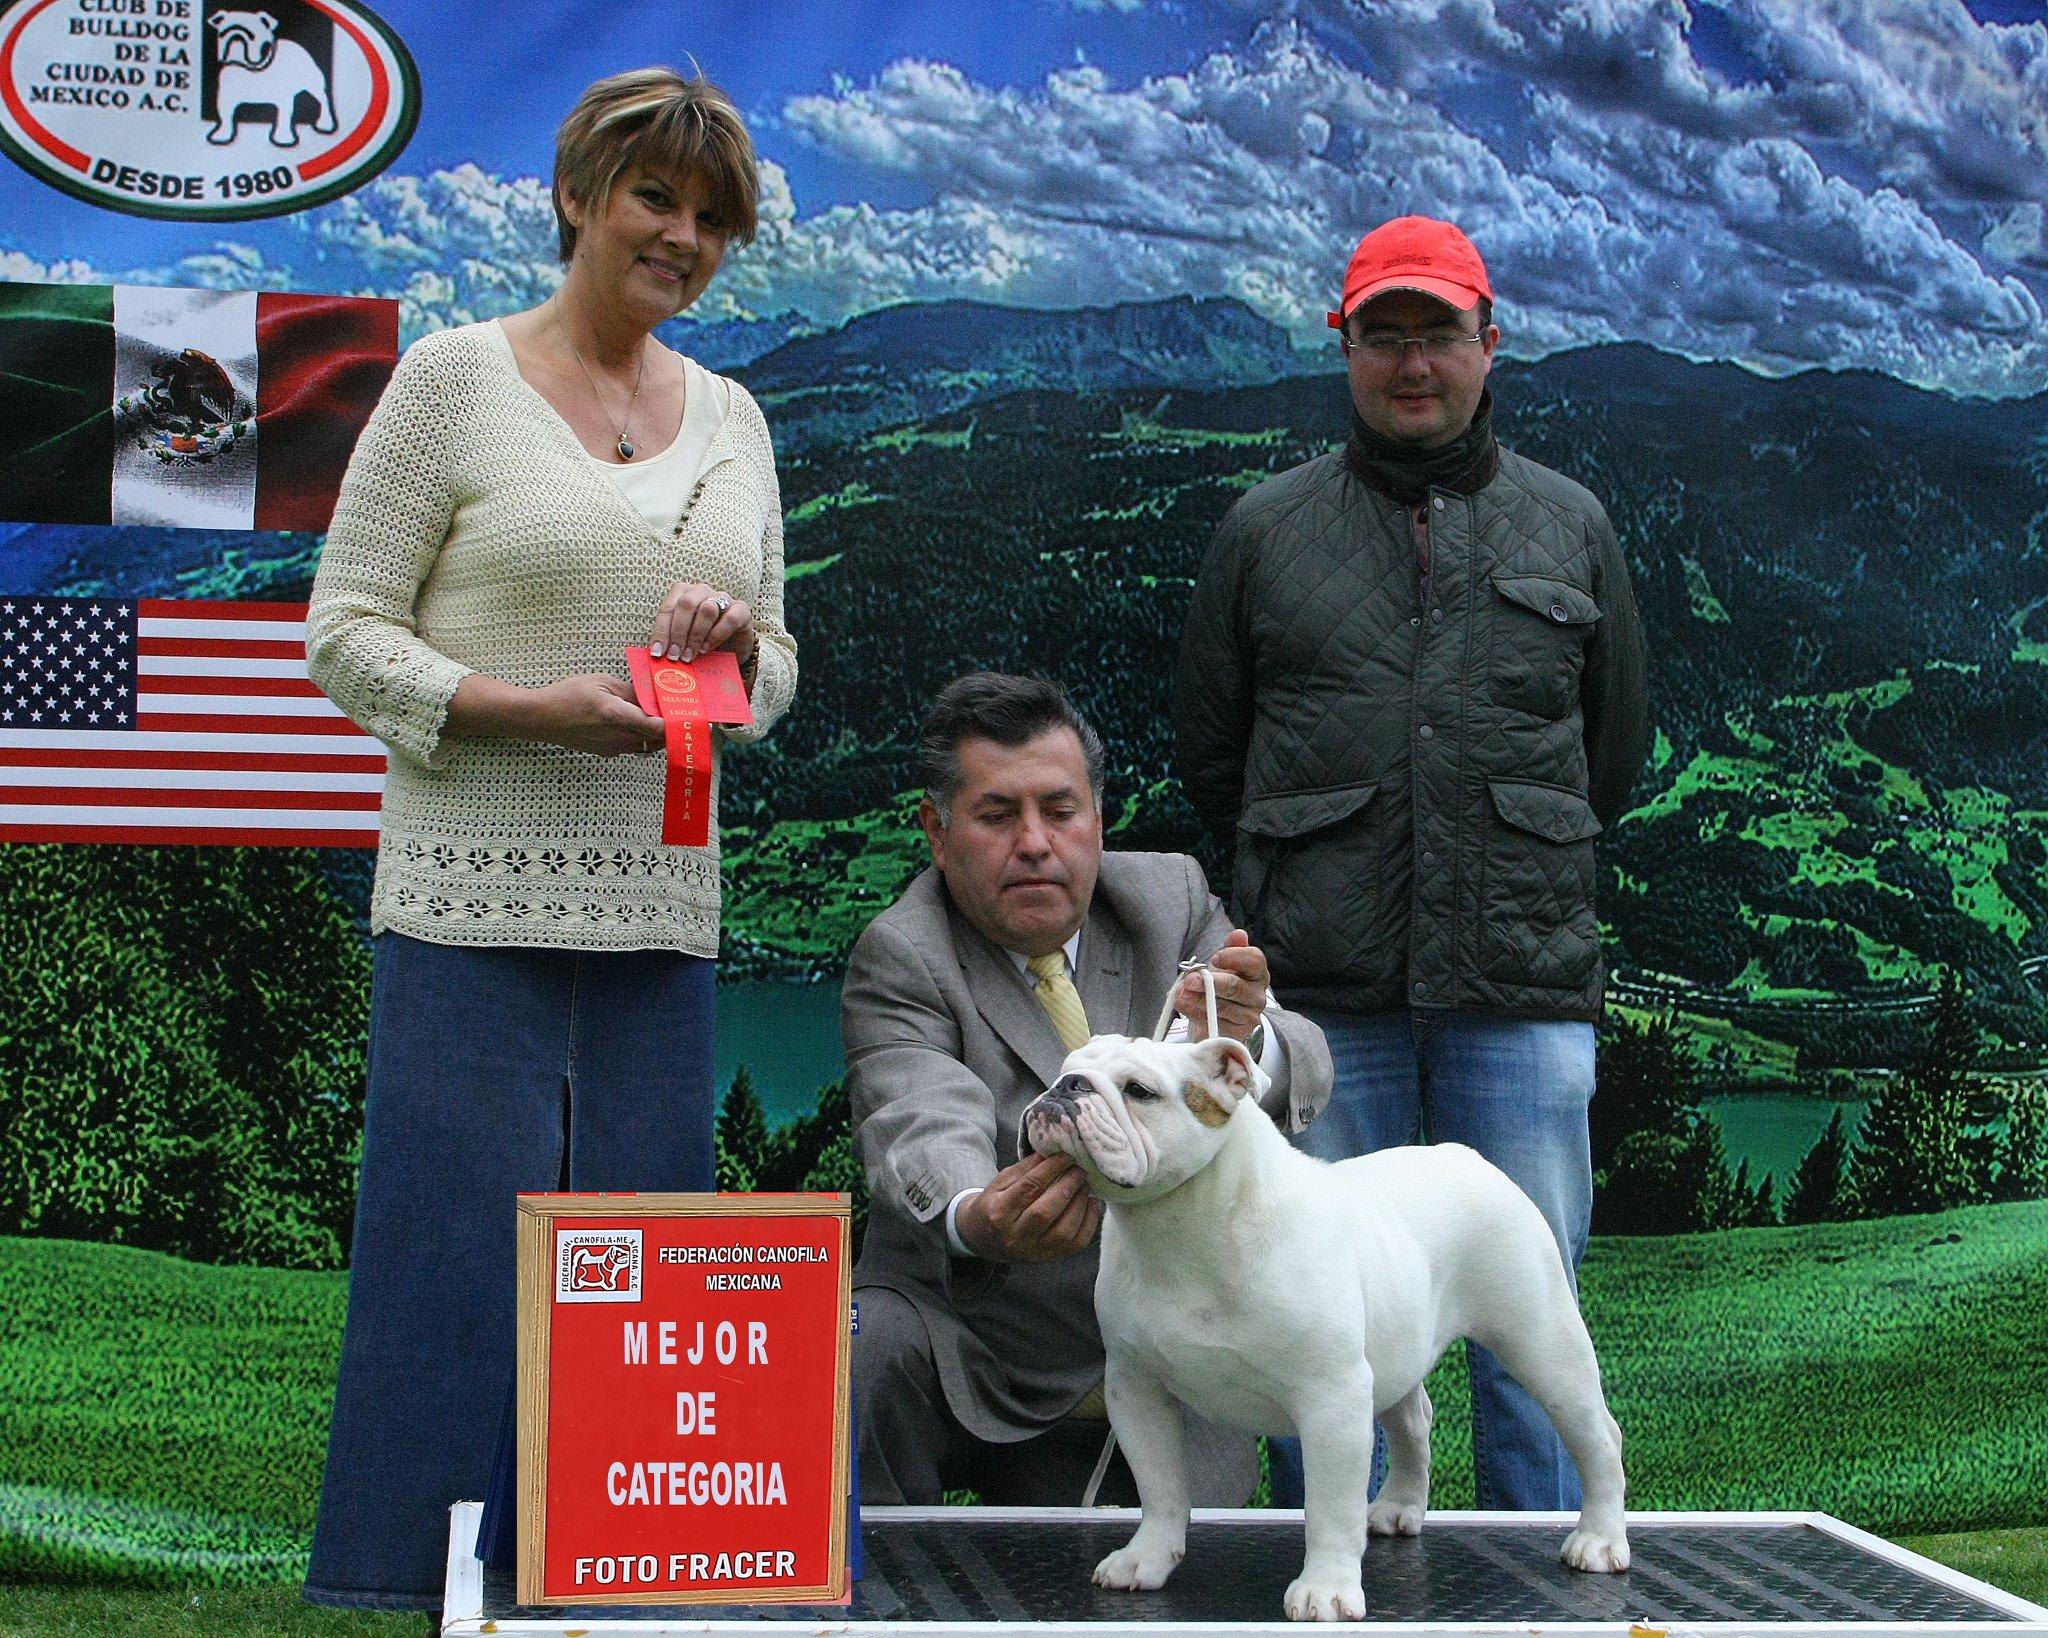 Como se puede hacer un perro campeón mexicano? Parte 1